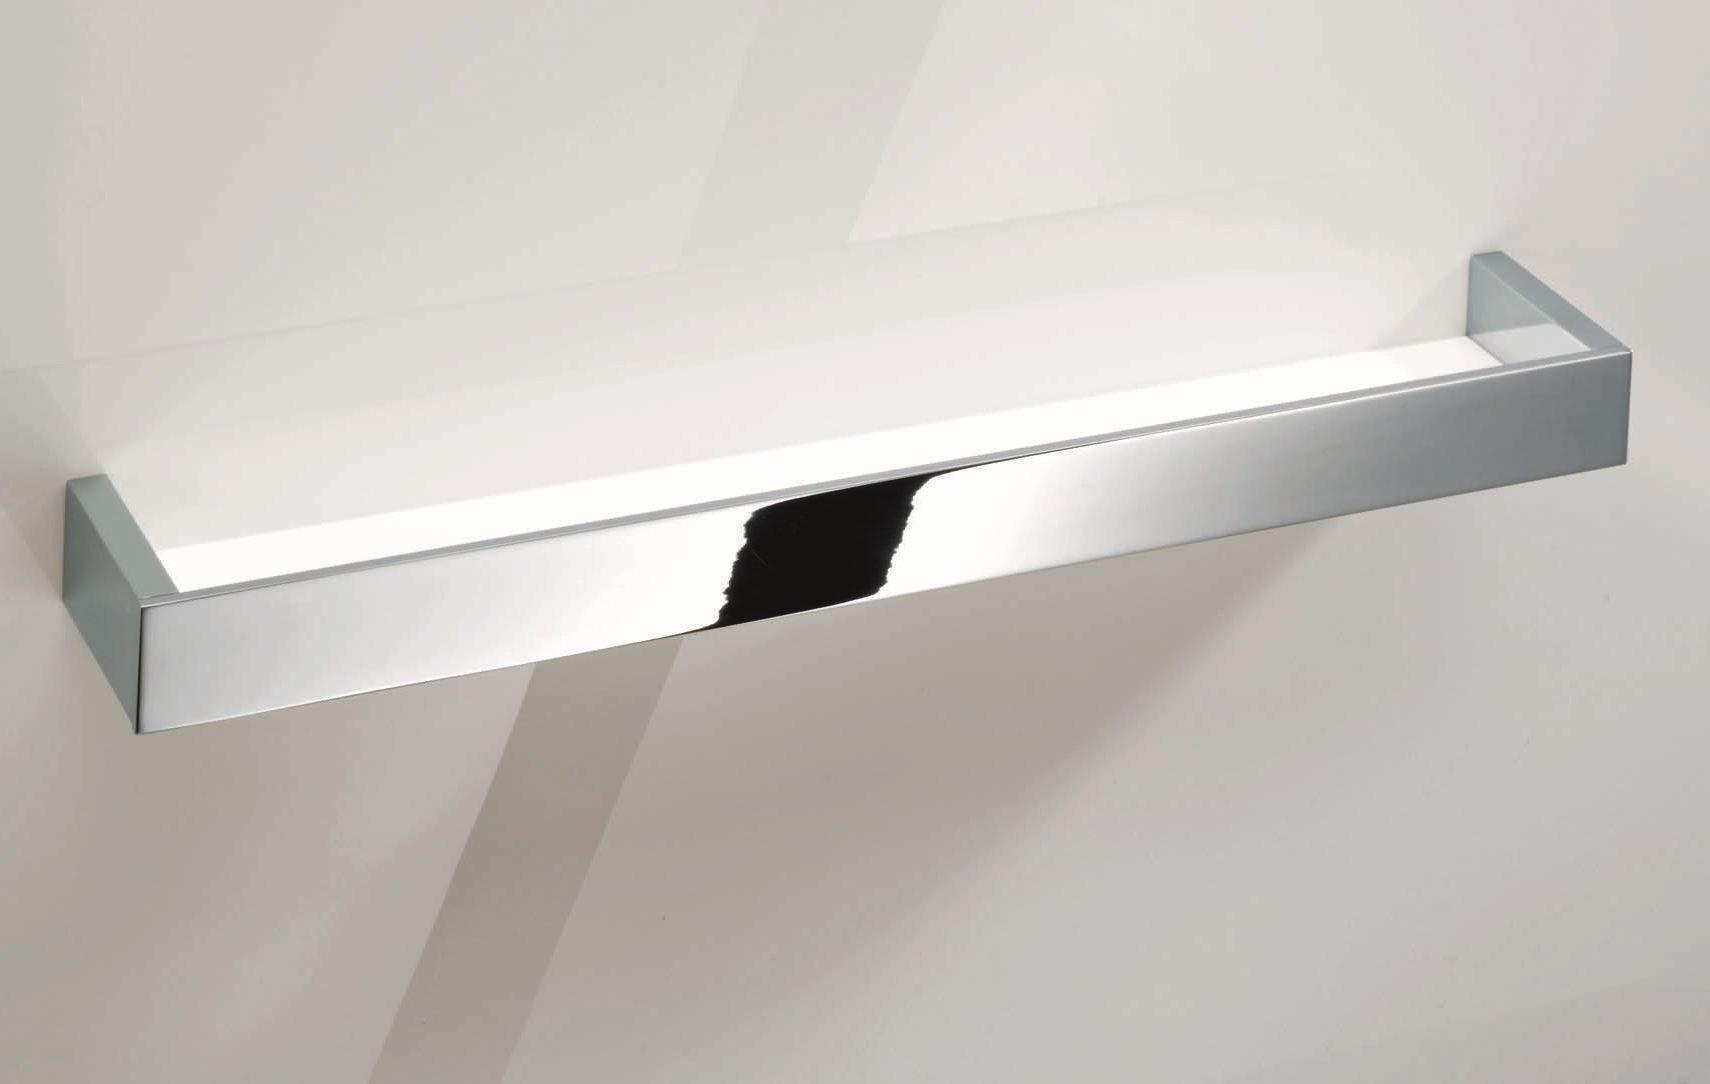 Accessori Bagno Decor Walther : Mensola bagno bk gla by decor walther